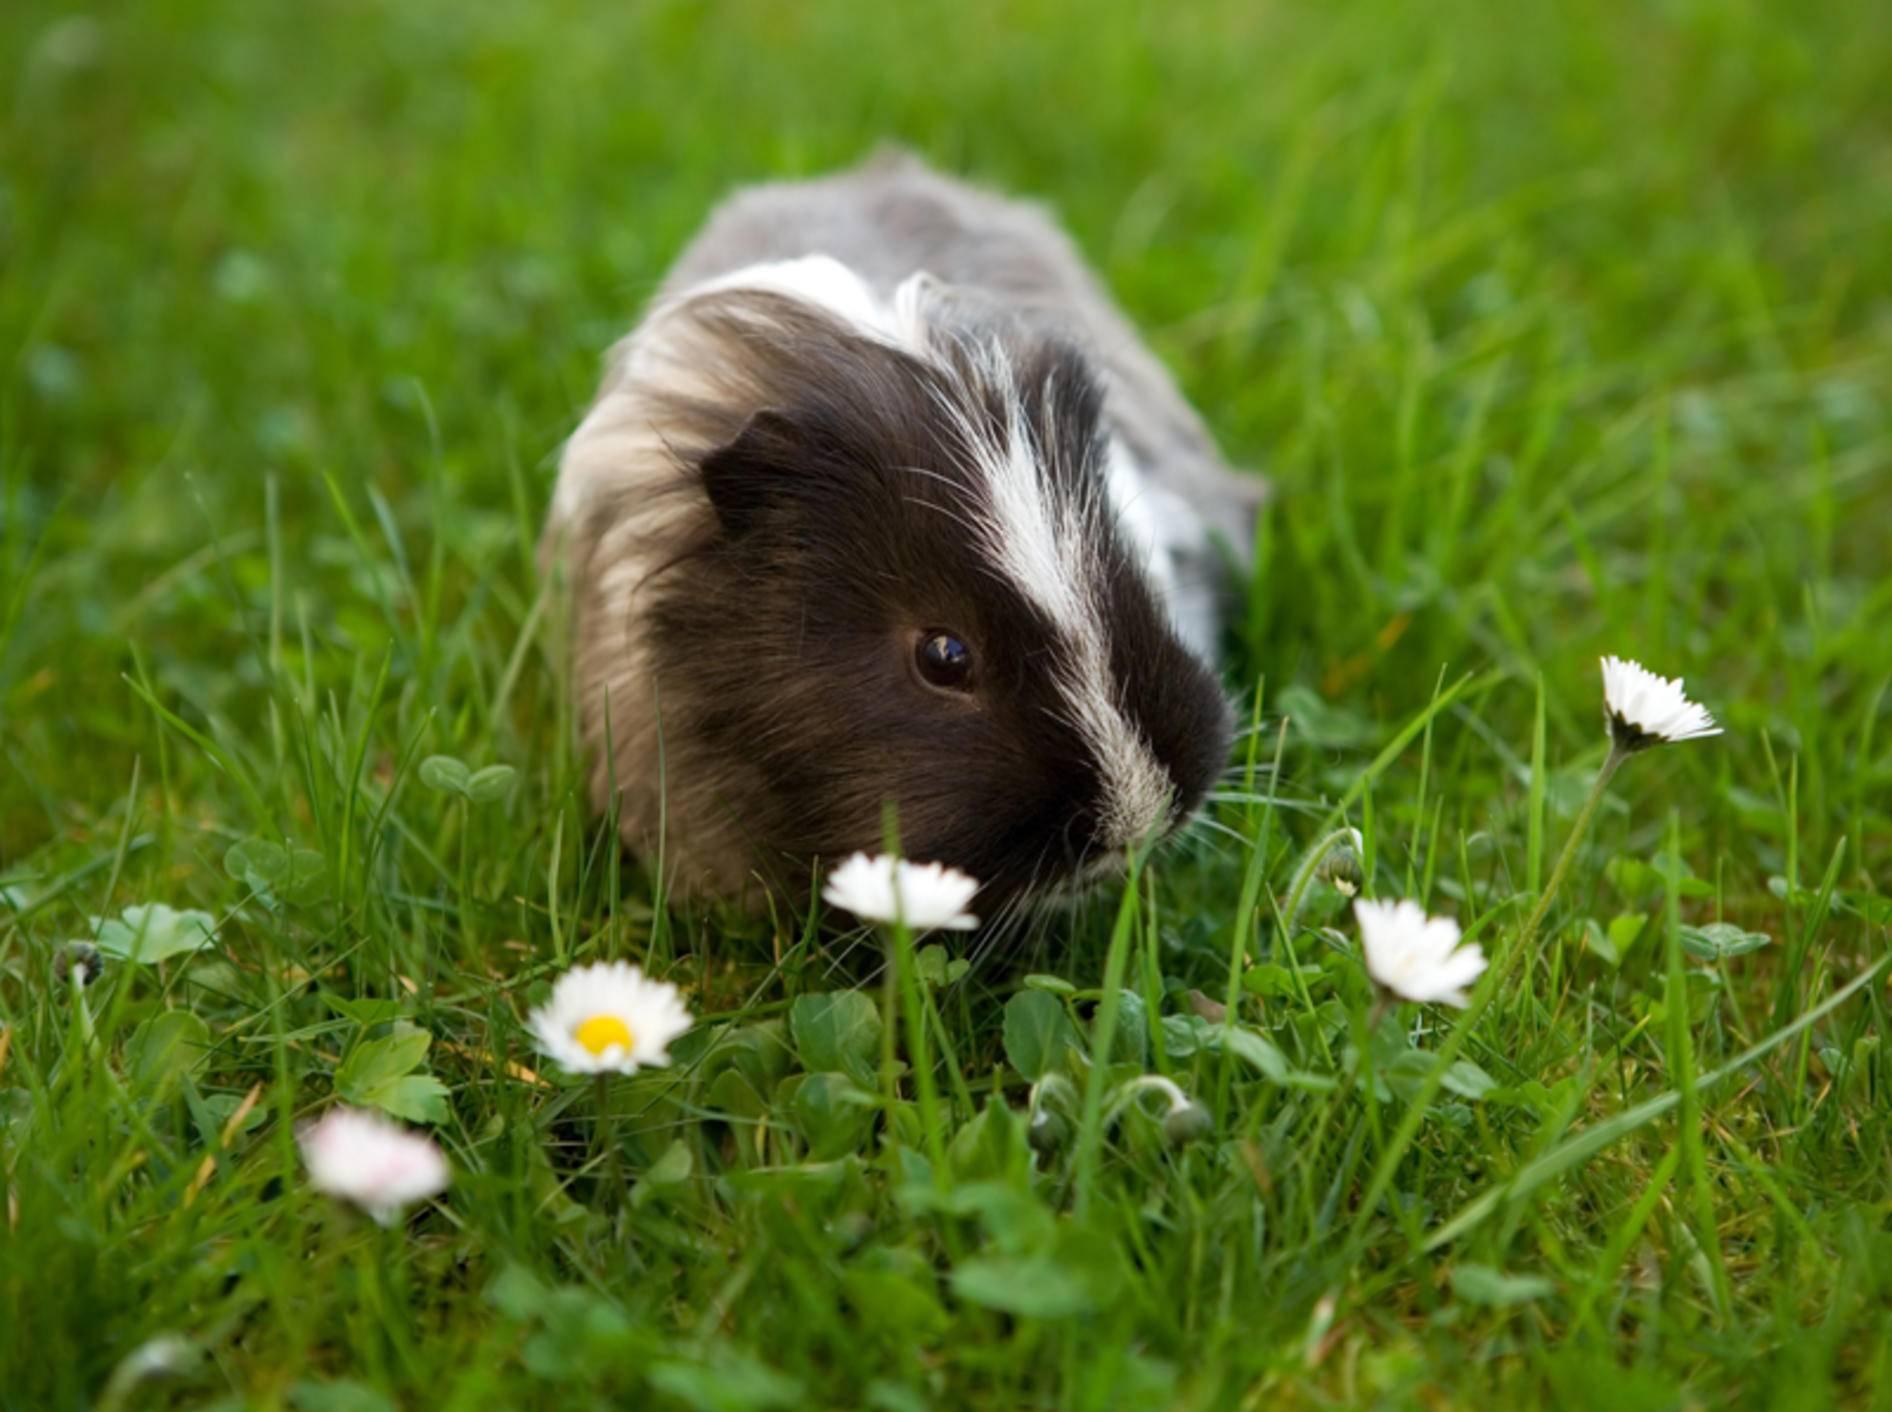 Meerschweinchen sind reine Veganer und fressen viel lieber Gänseblümchen als Joghurtdrops – Shutterstock / Gordana Sermek